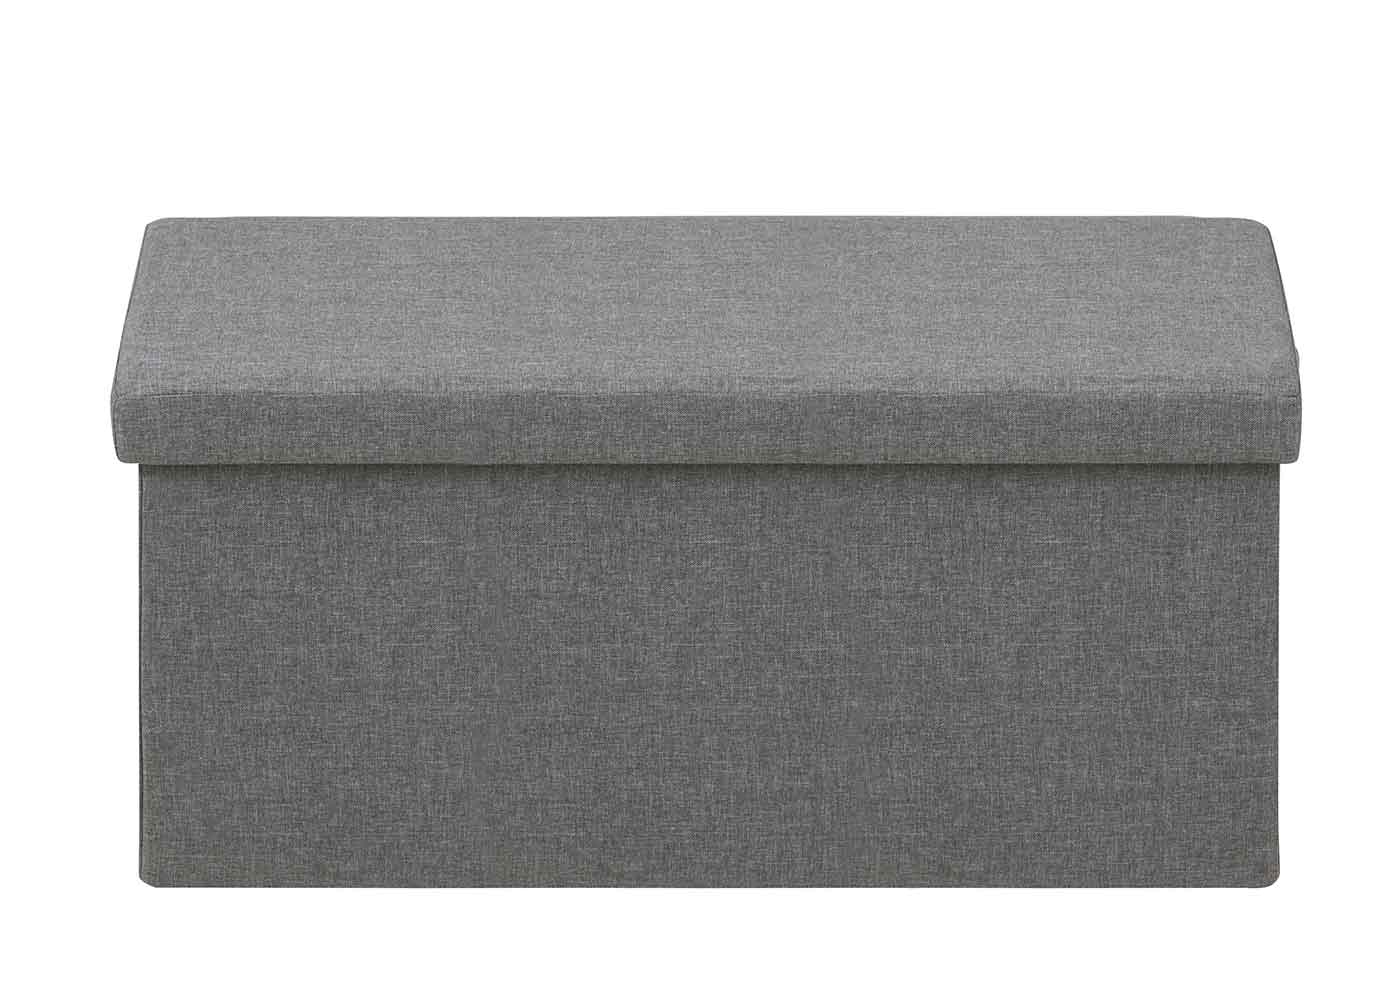 Taburetka s vekom skladacia Simon, 80 cm, svetlo šedá, svetlo šedá